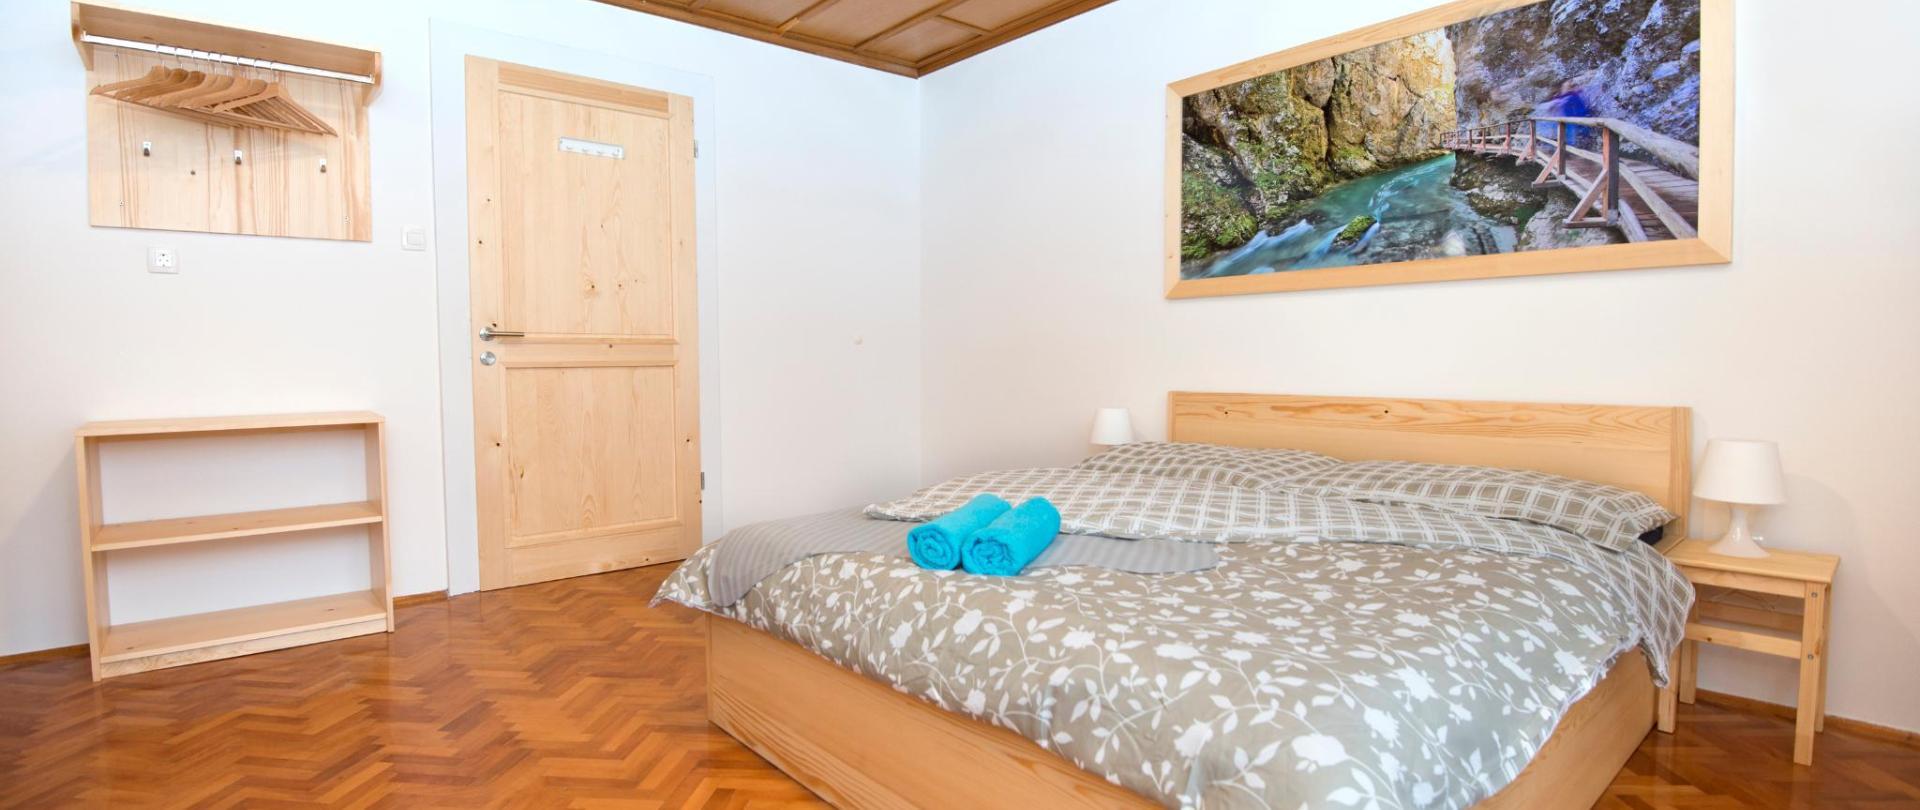 Chambre double avec meubles en bois massif